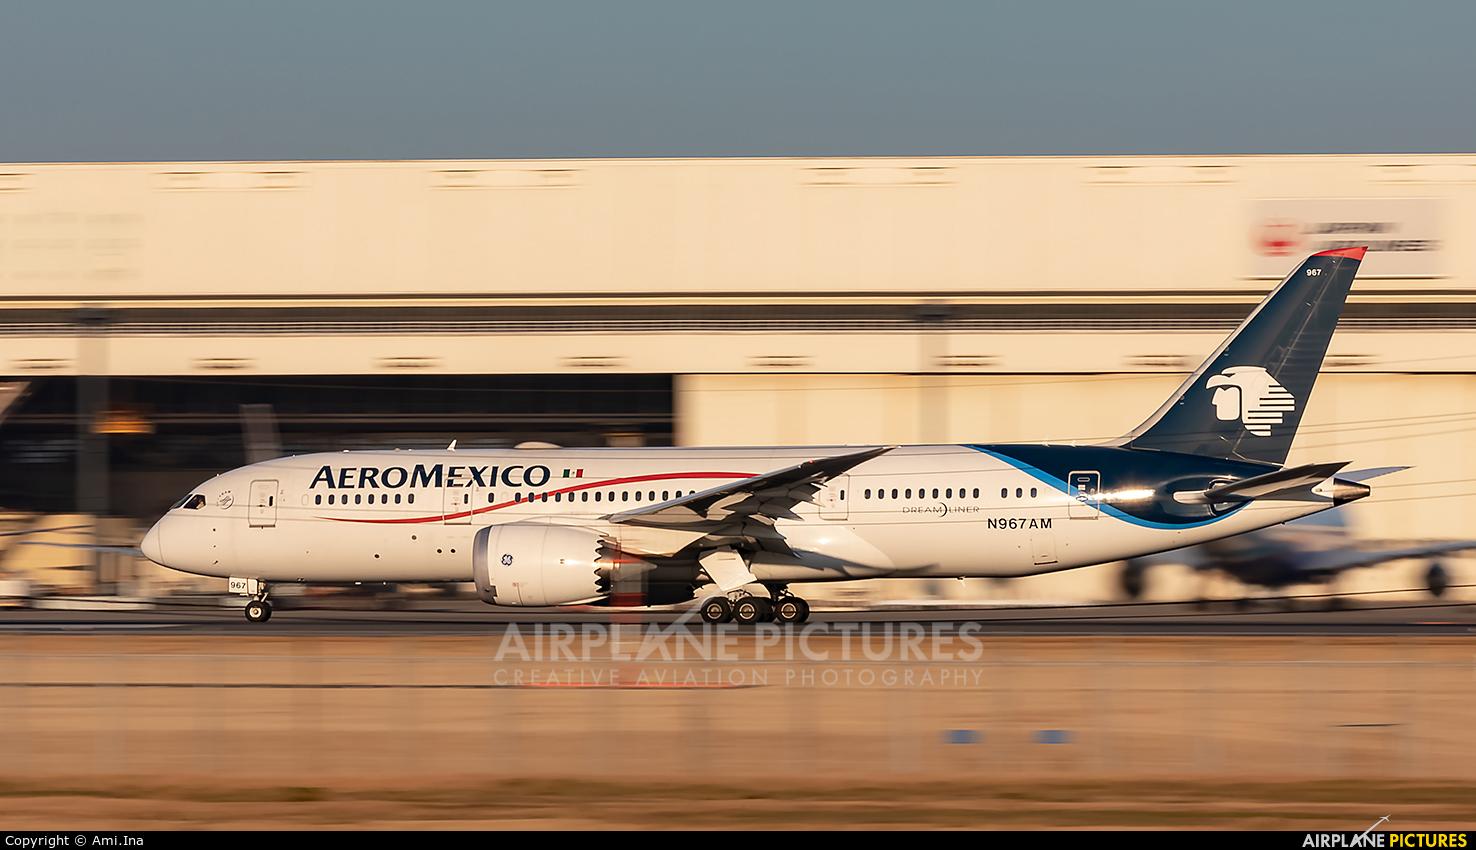 Aeromexico N967AM aircraft at Tokyo - Narita Intl